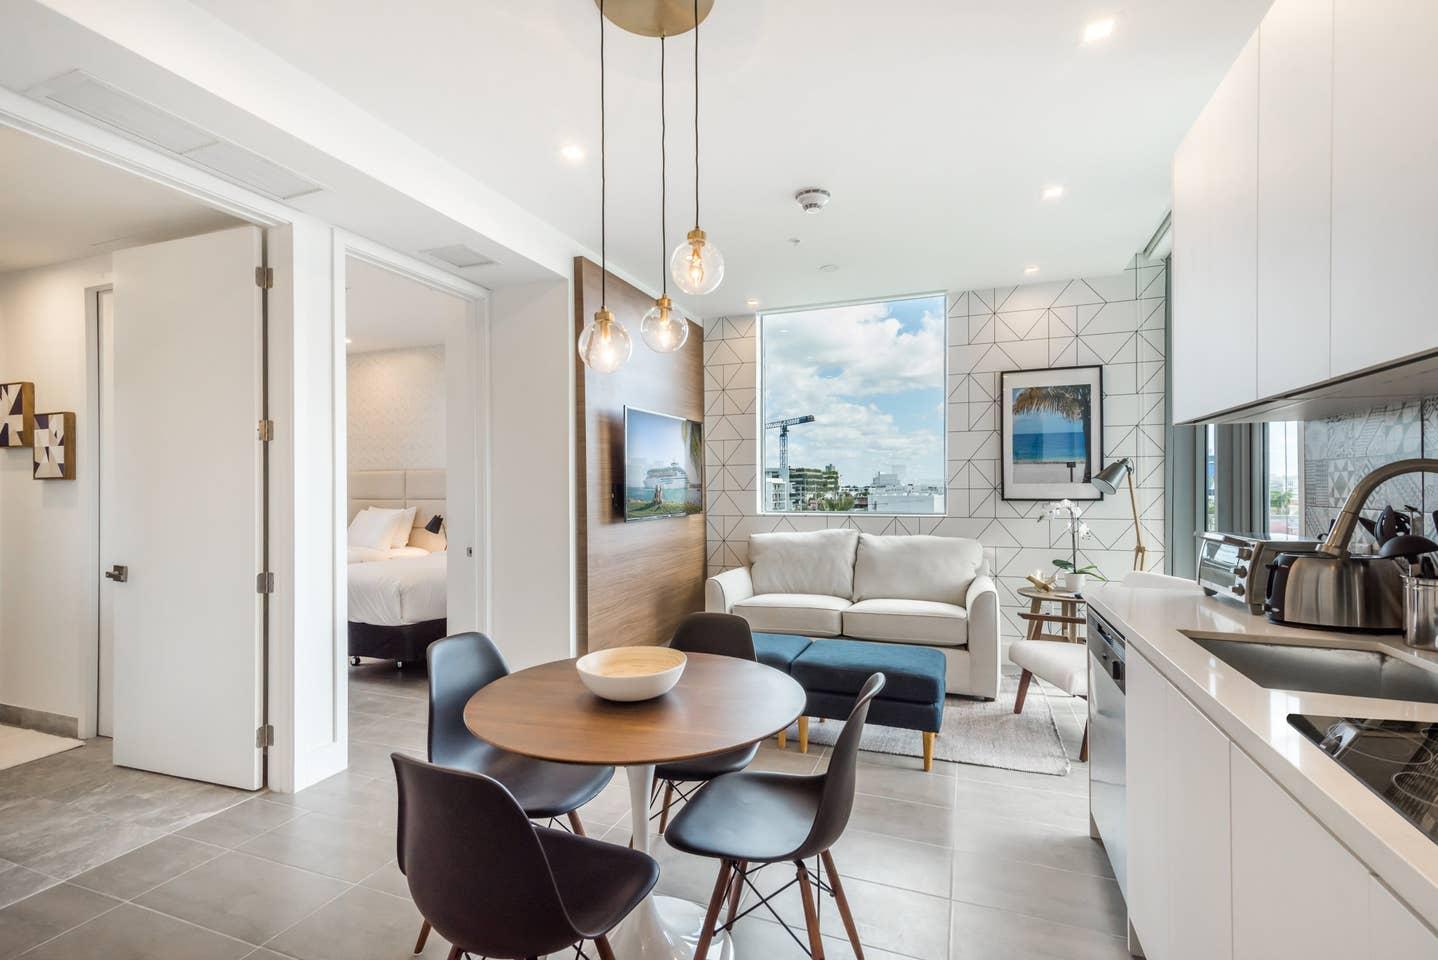 Luxury 2 bedroom apt in Miami Beach 0